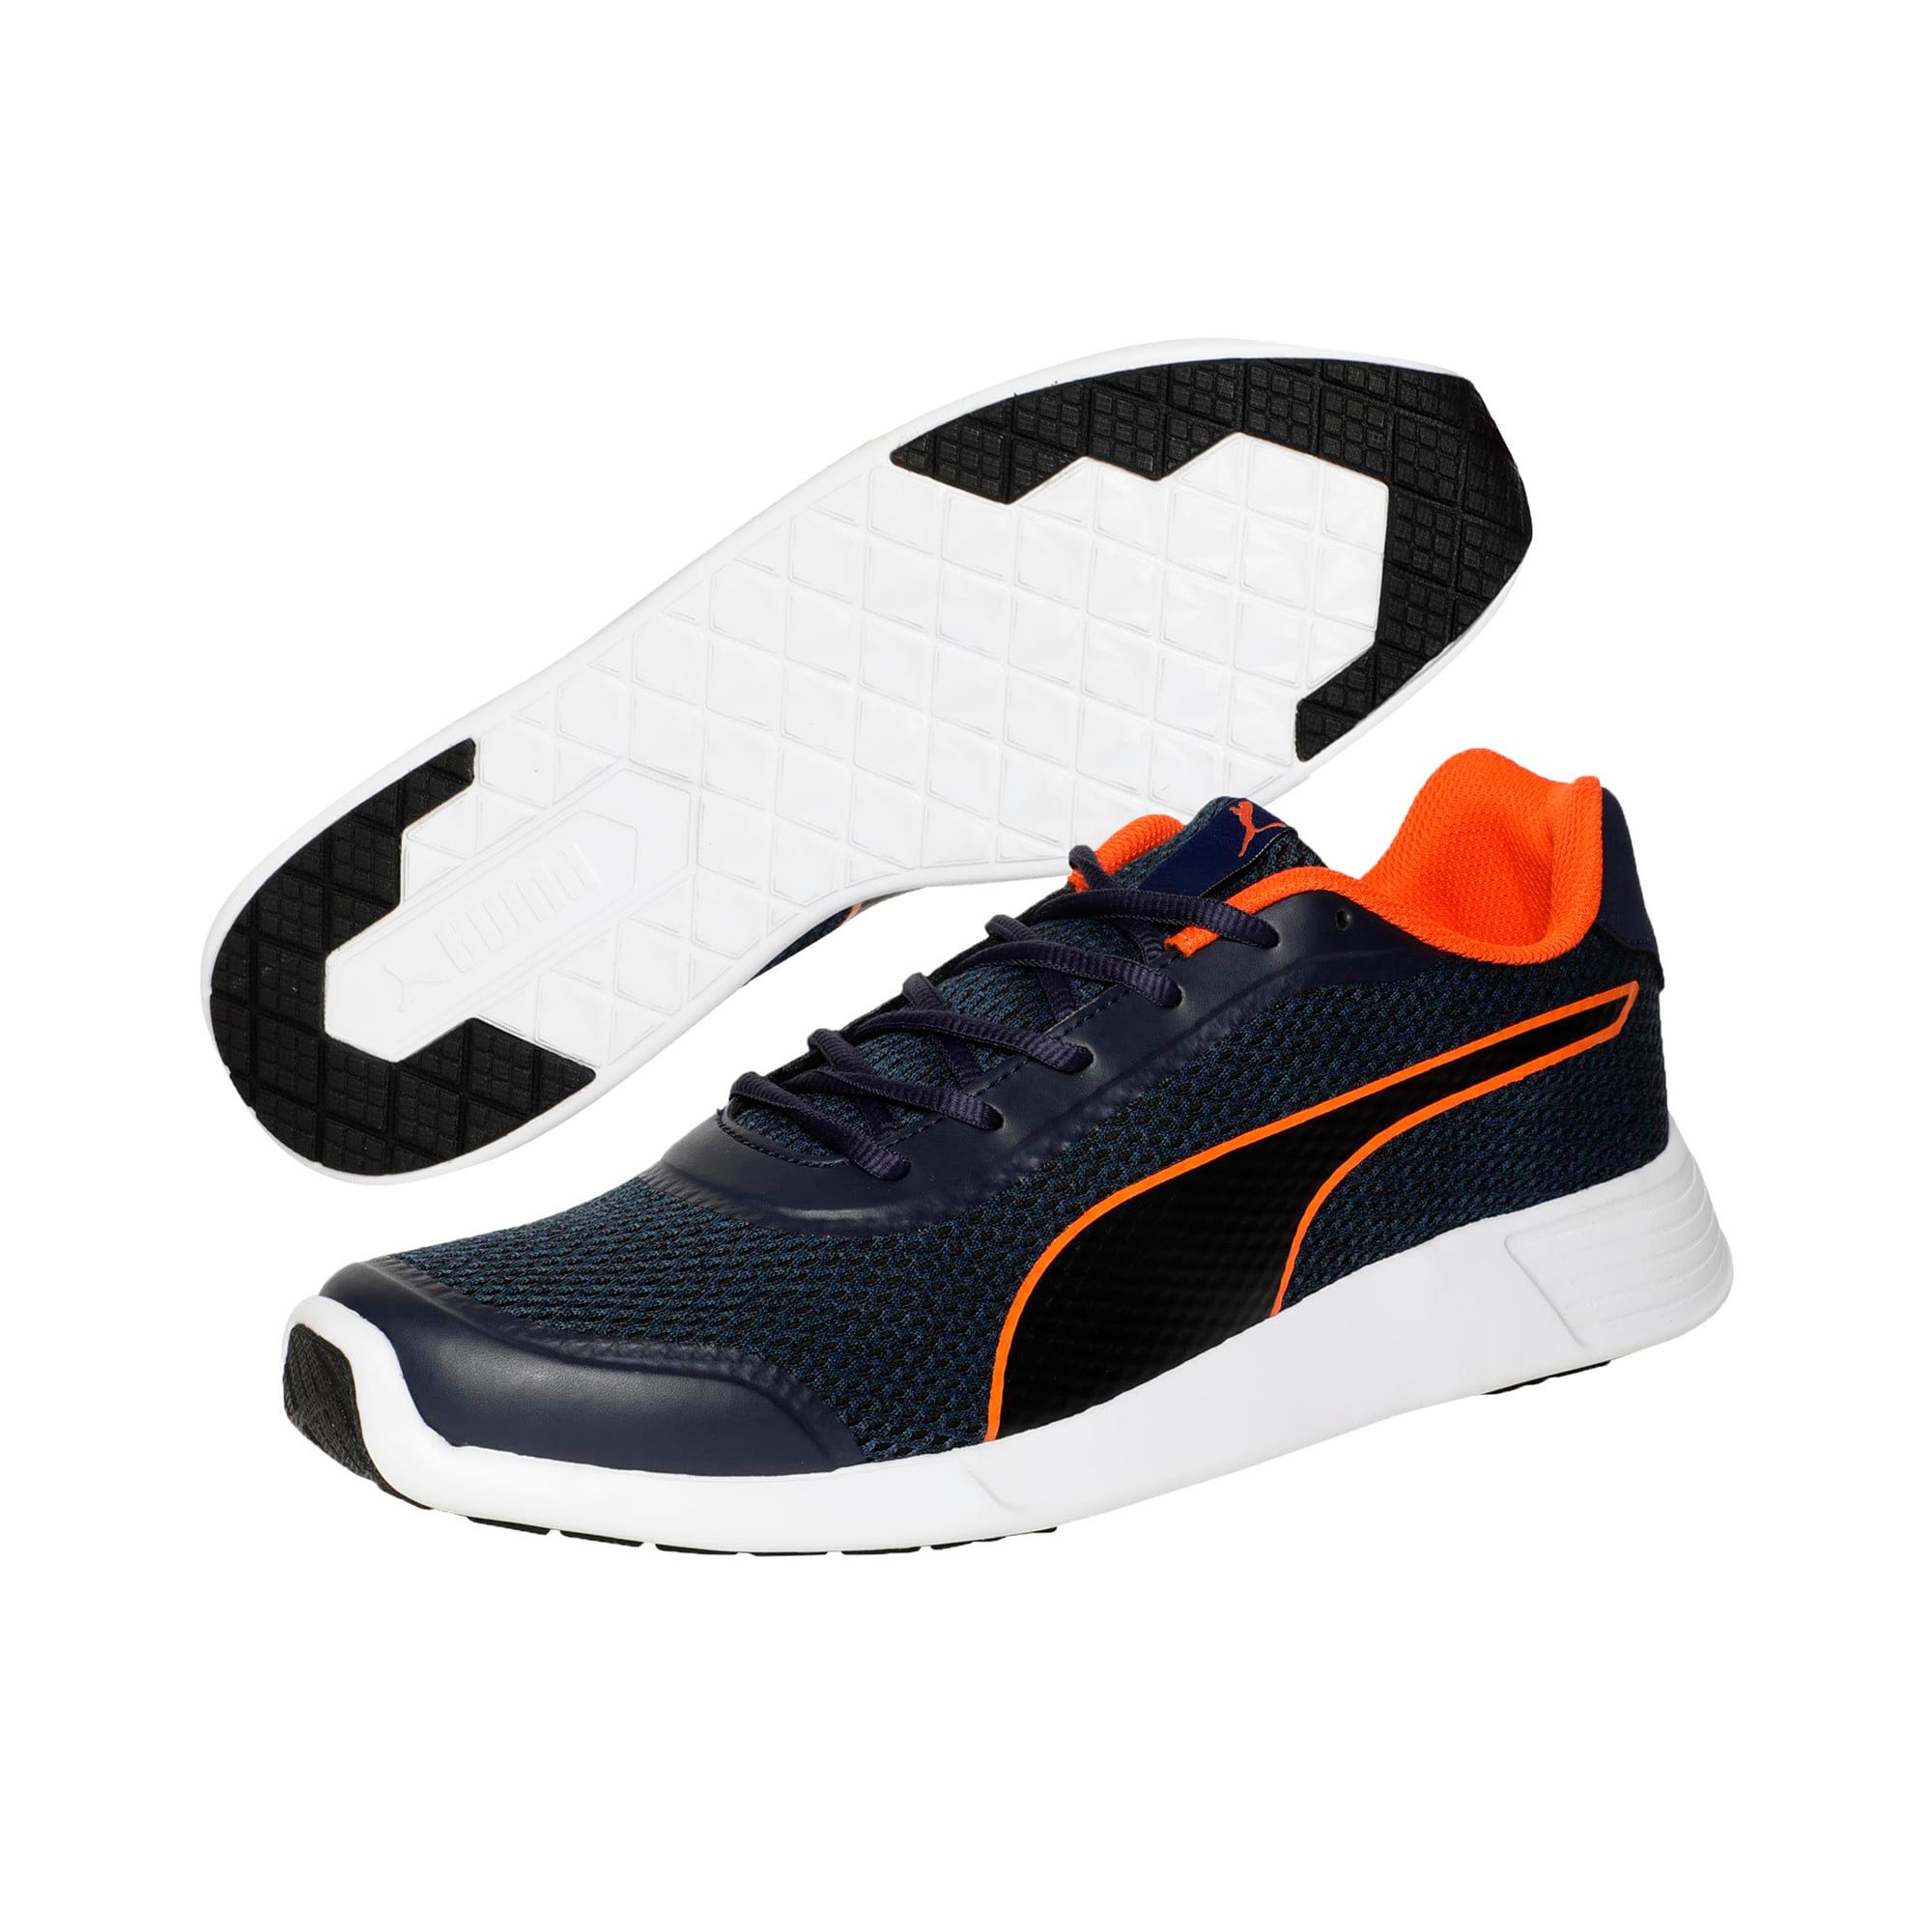 Thumbnail 2 of FST Runner v2 IDP Men's Sportstyle Shoes, Peacoat-Firecracker-Black, medium-IND